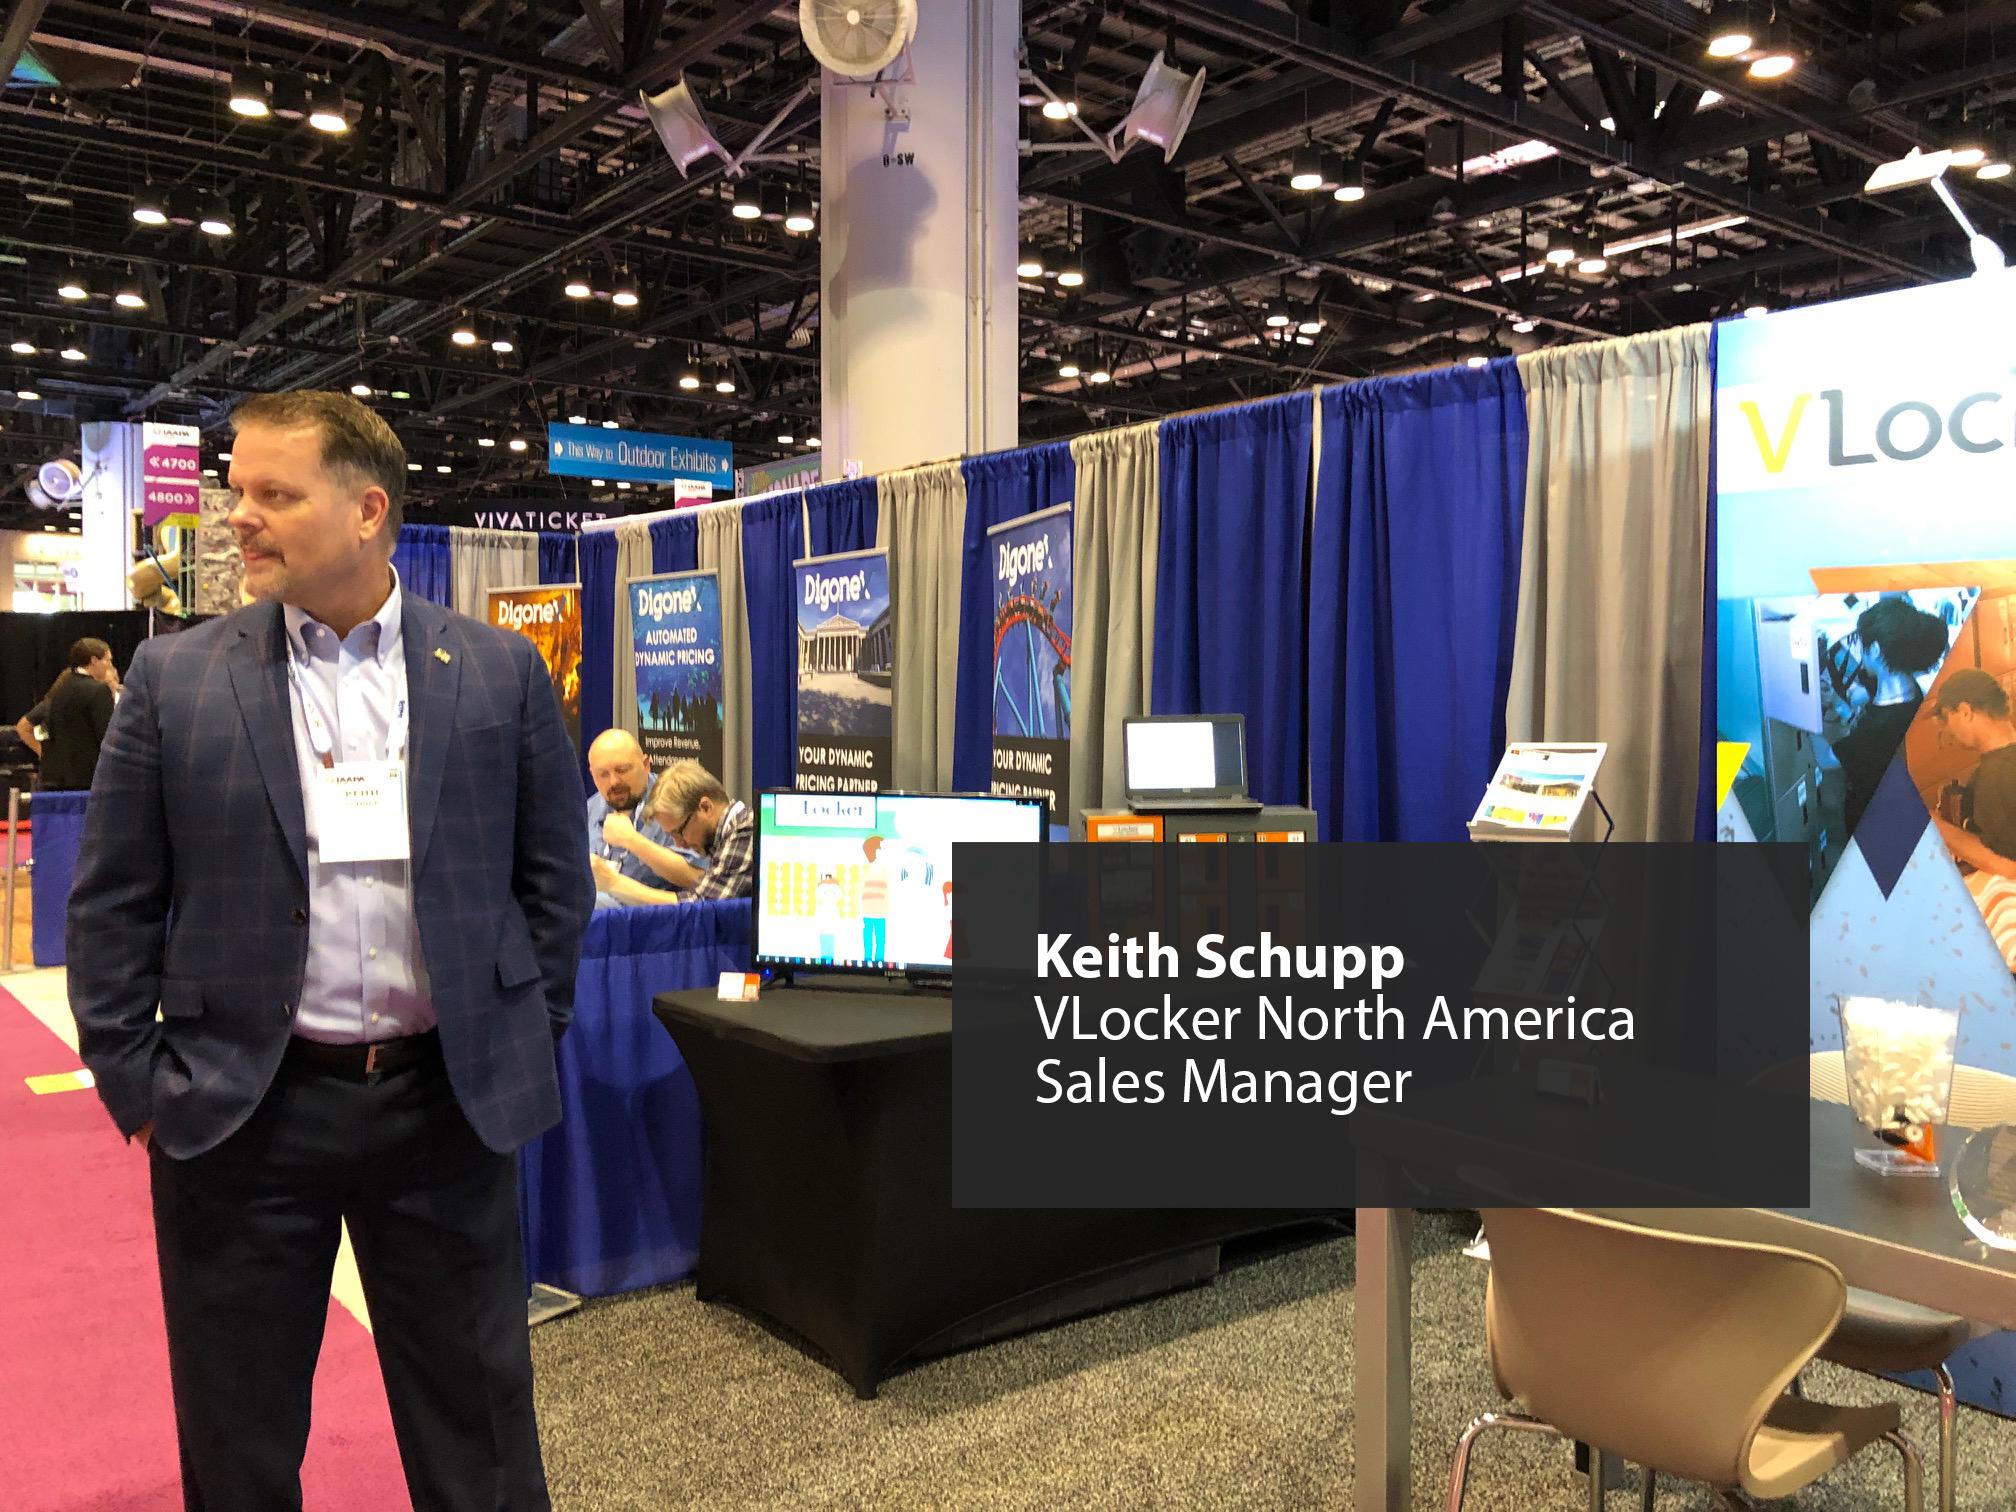 KeithSchupp